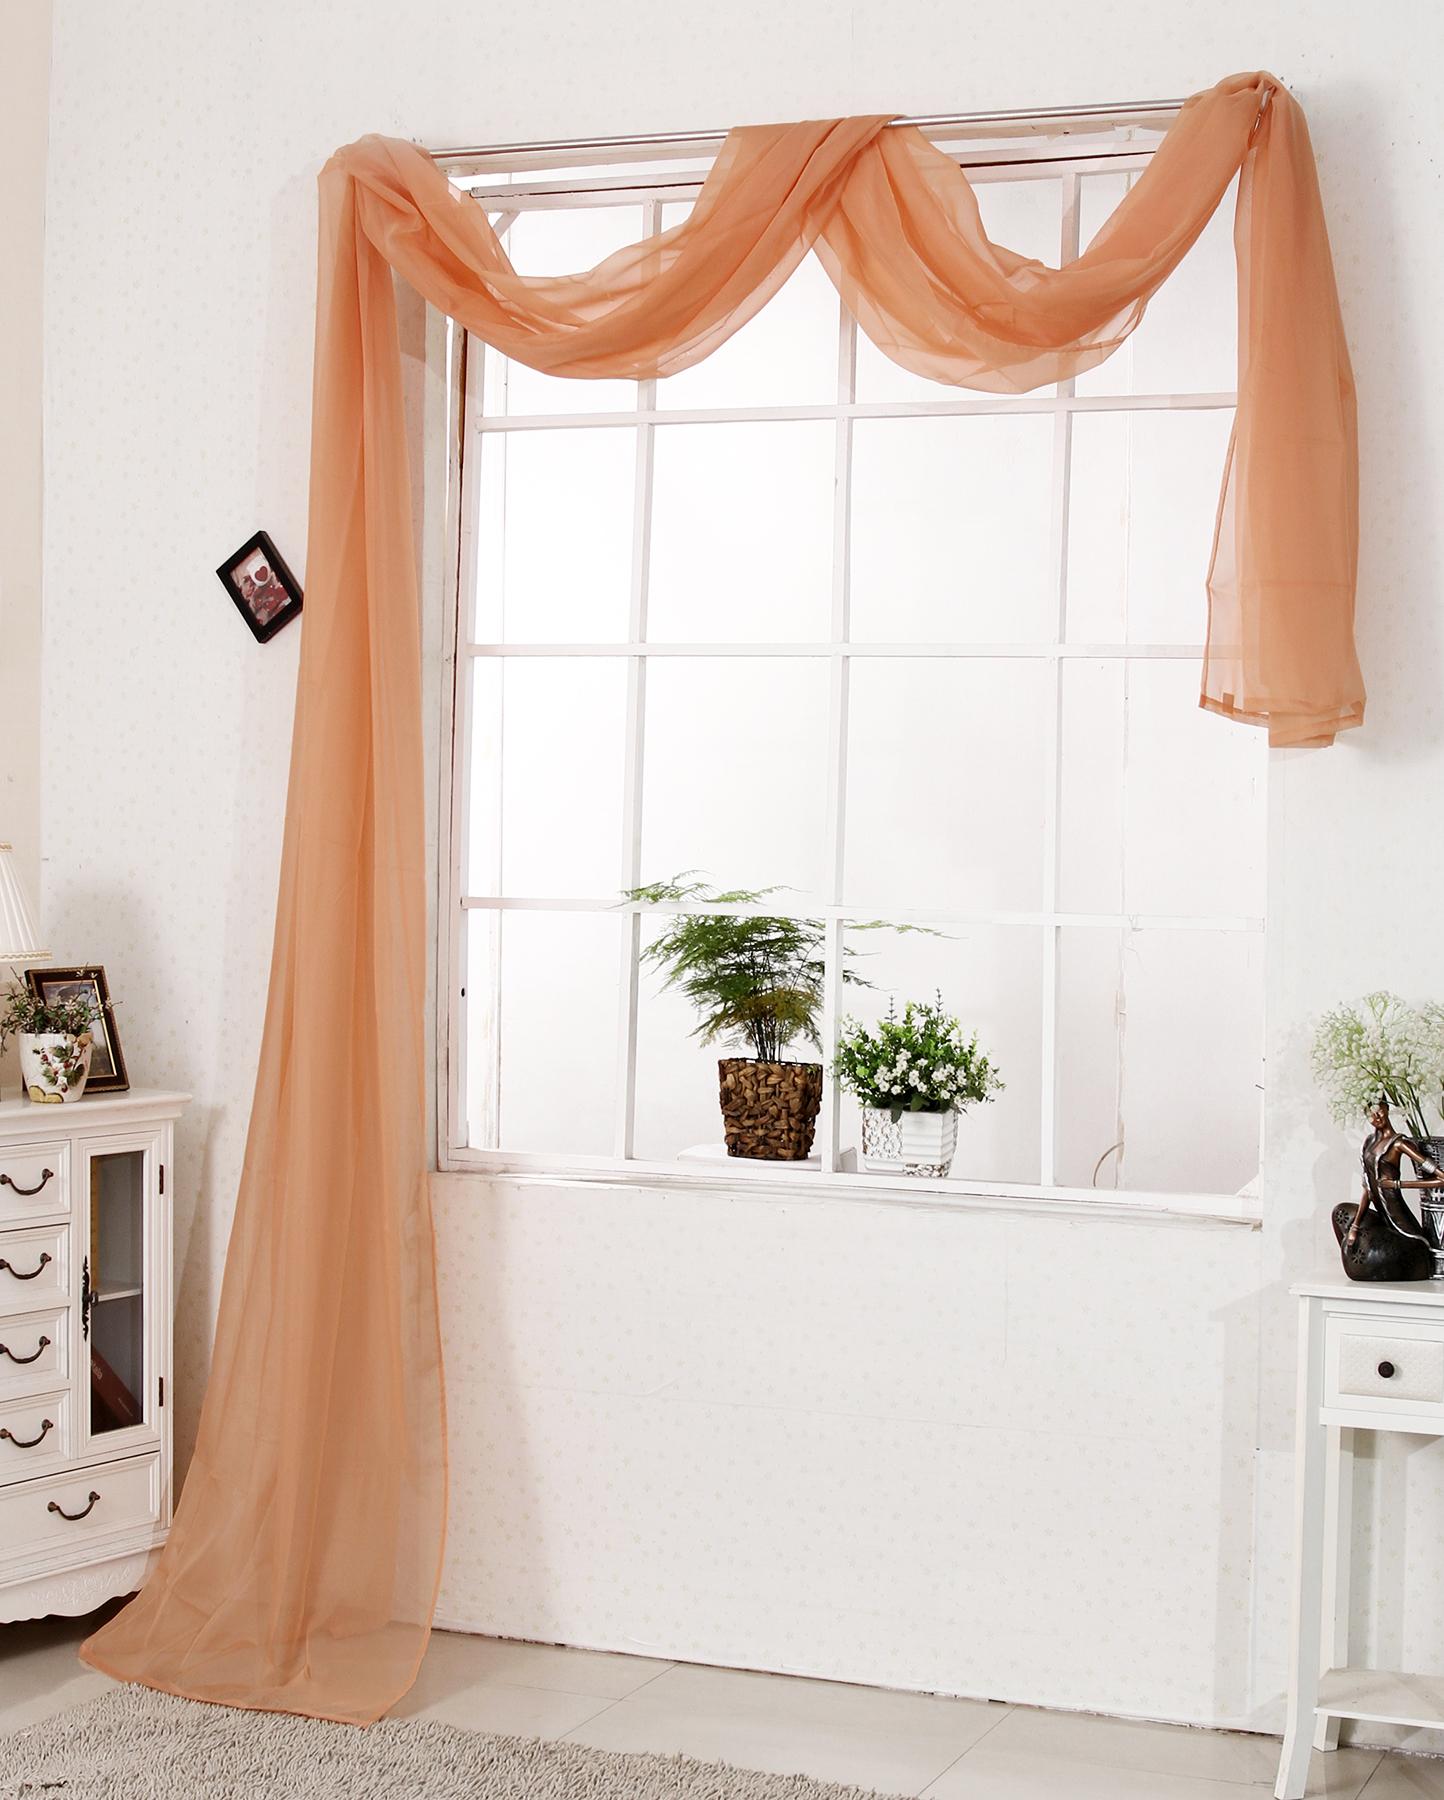 querbehang raumteiler bergardinen gardinen vorh nge. Black Bedroom Furniture Sets. Home Design Ideas